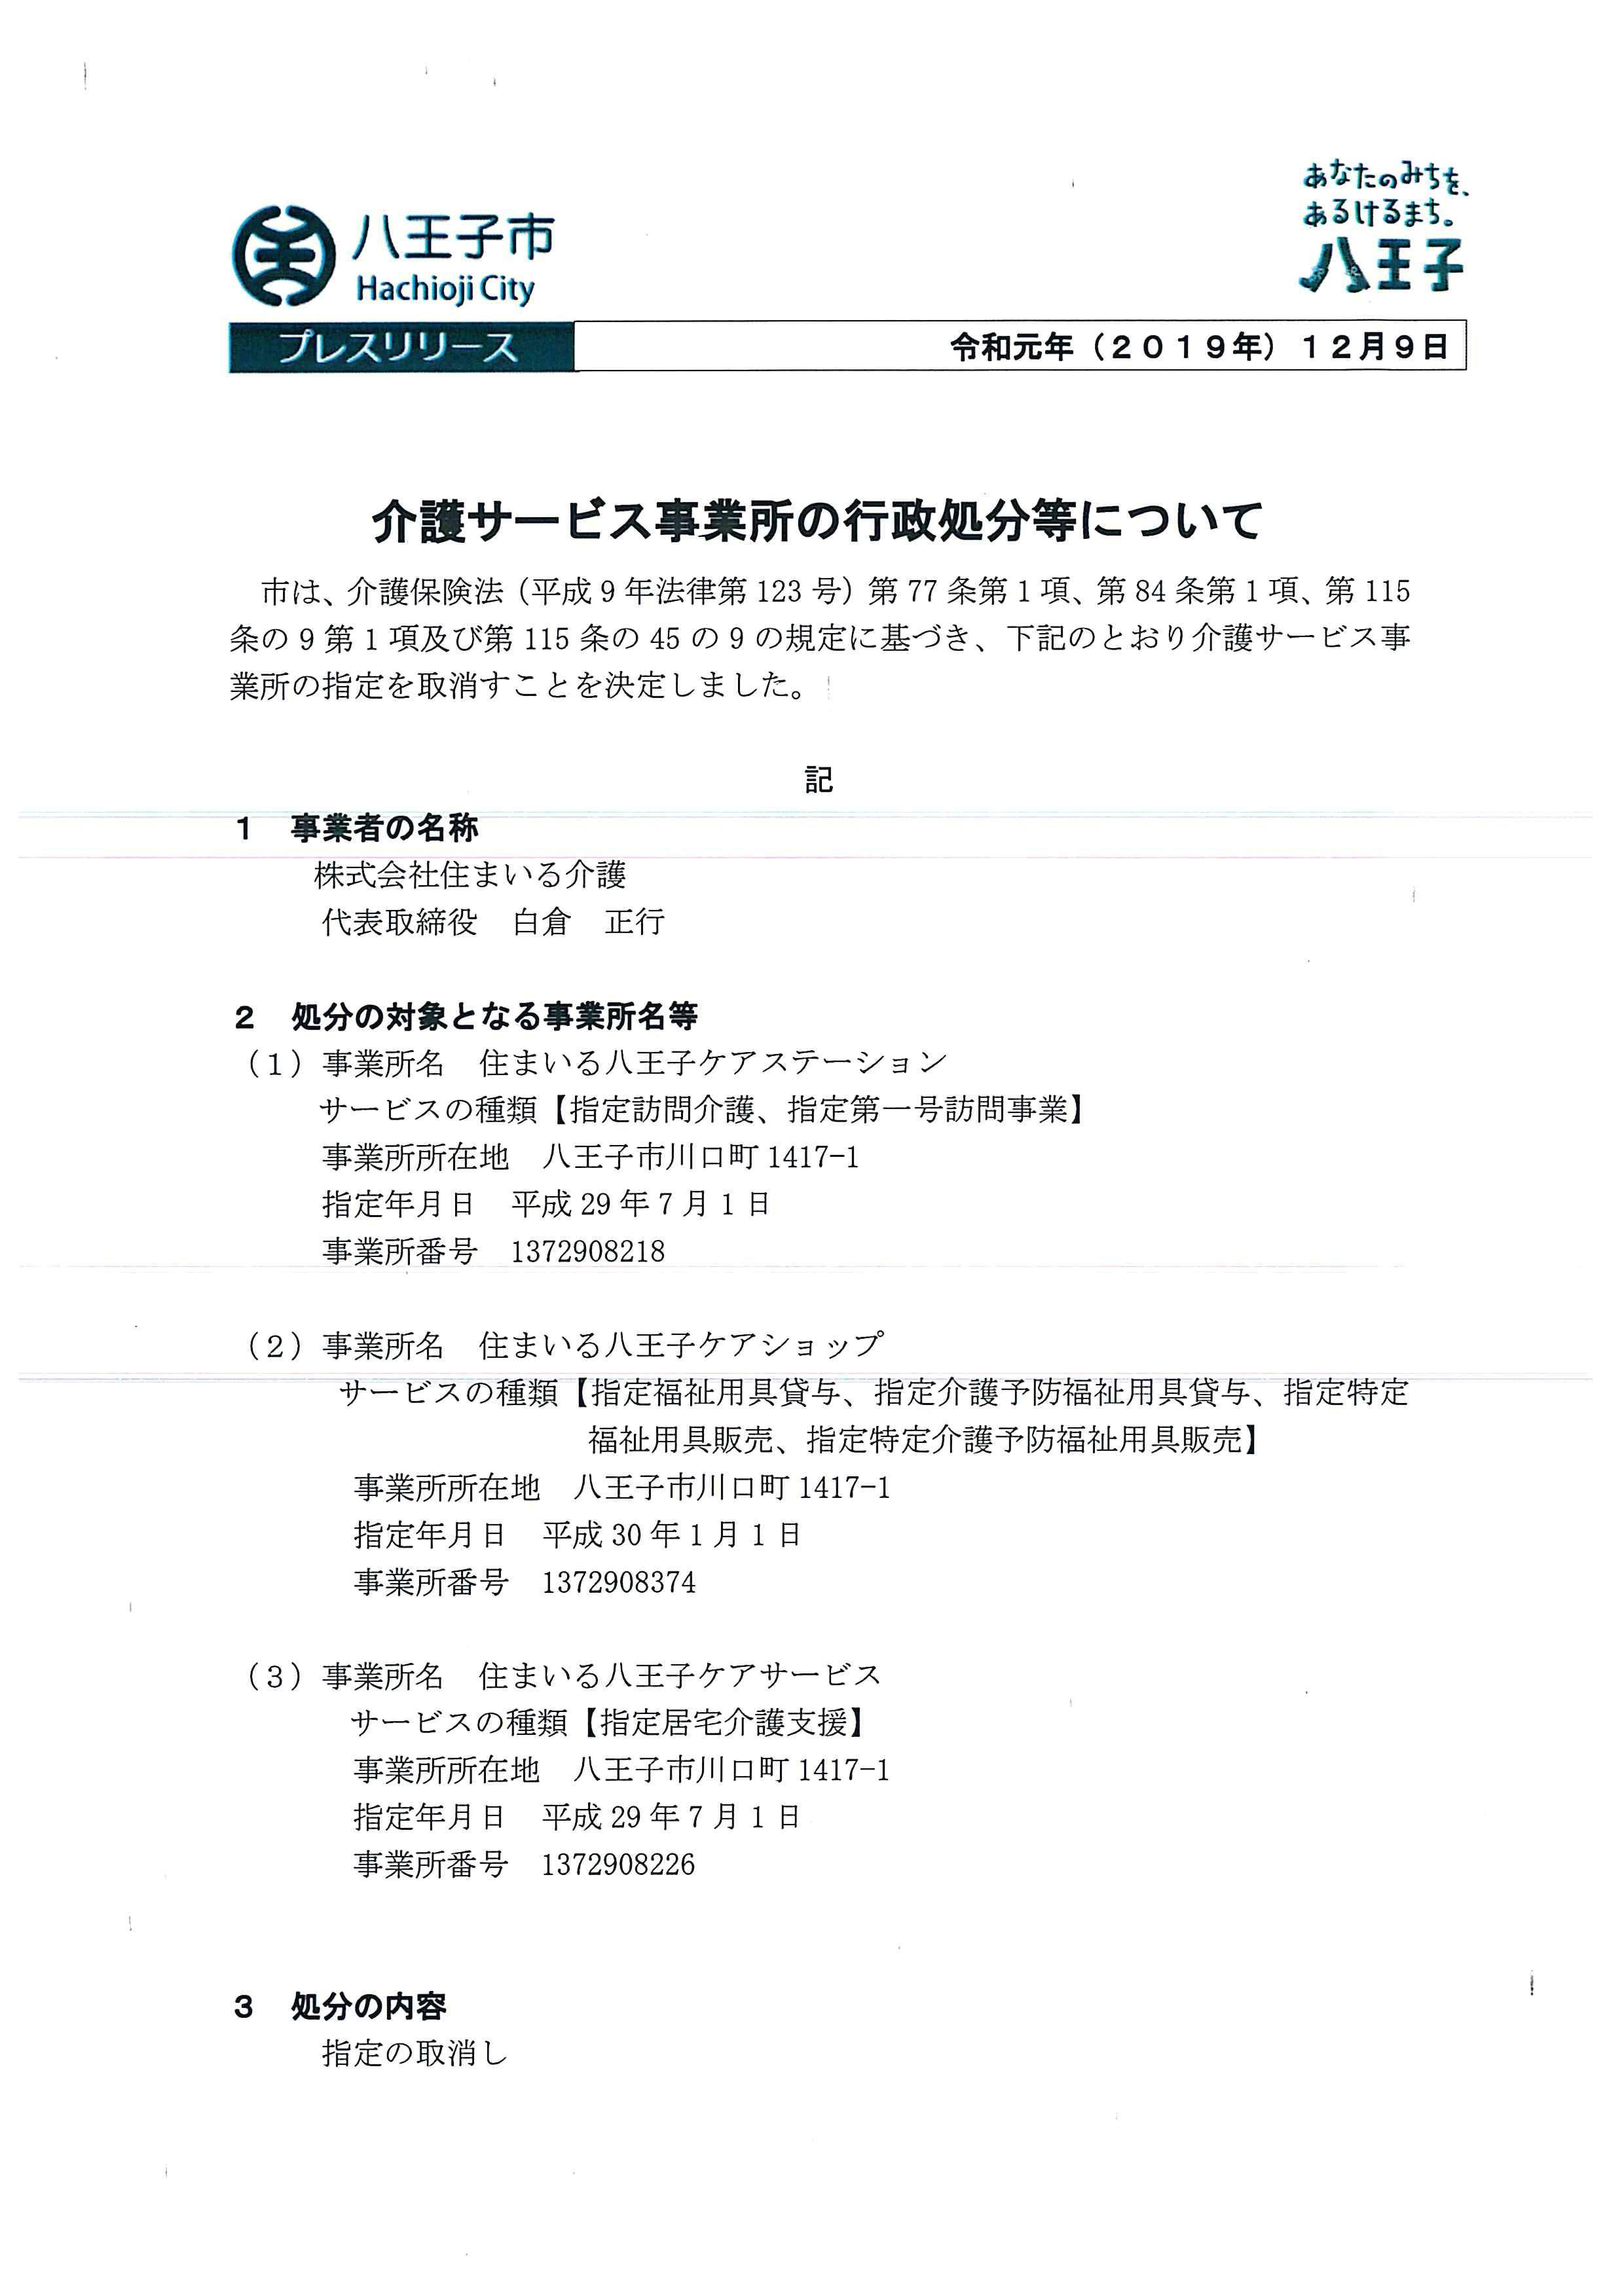 指定取消!八王子市プレスリリース_a0393514_15370310.jpg